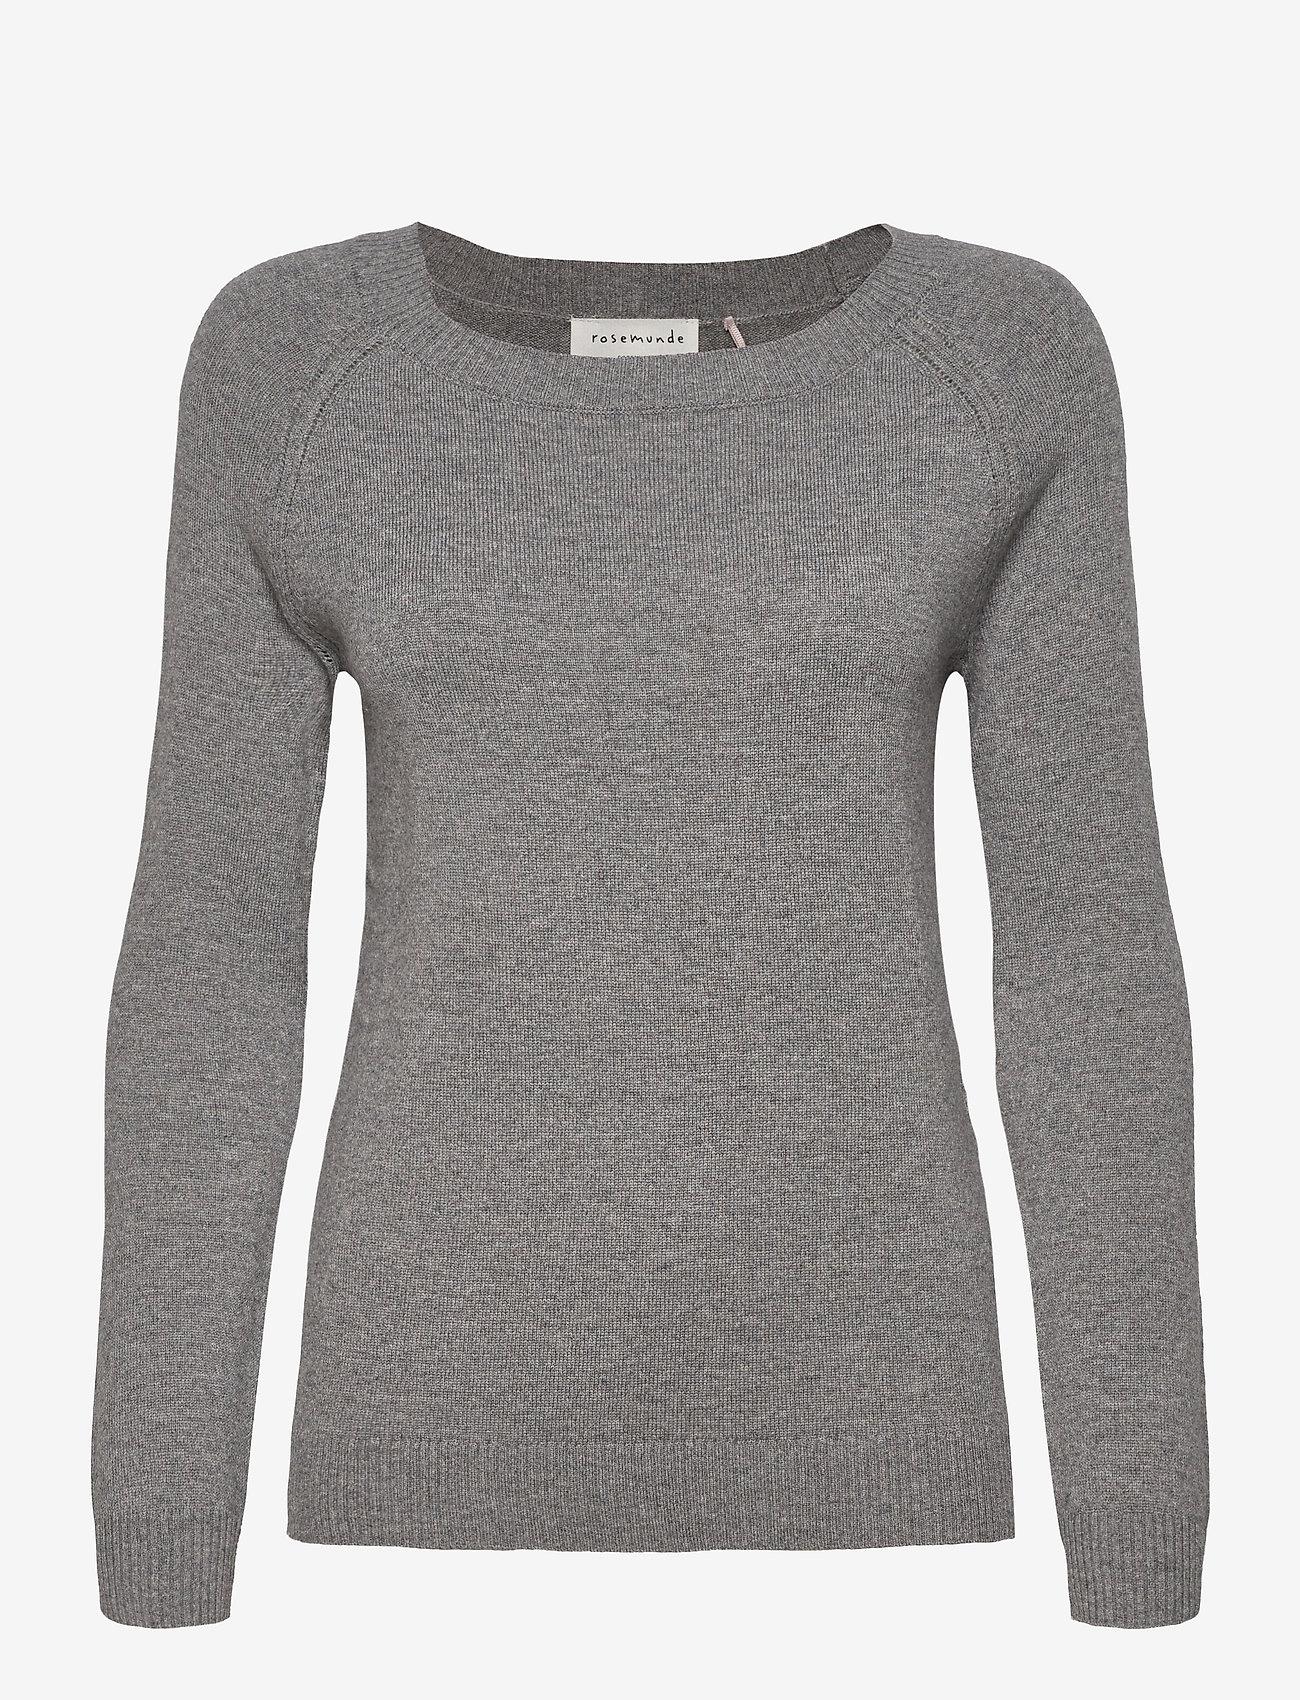 Rosemunde - Pullover ls - tröjor - medium grey melange - 0